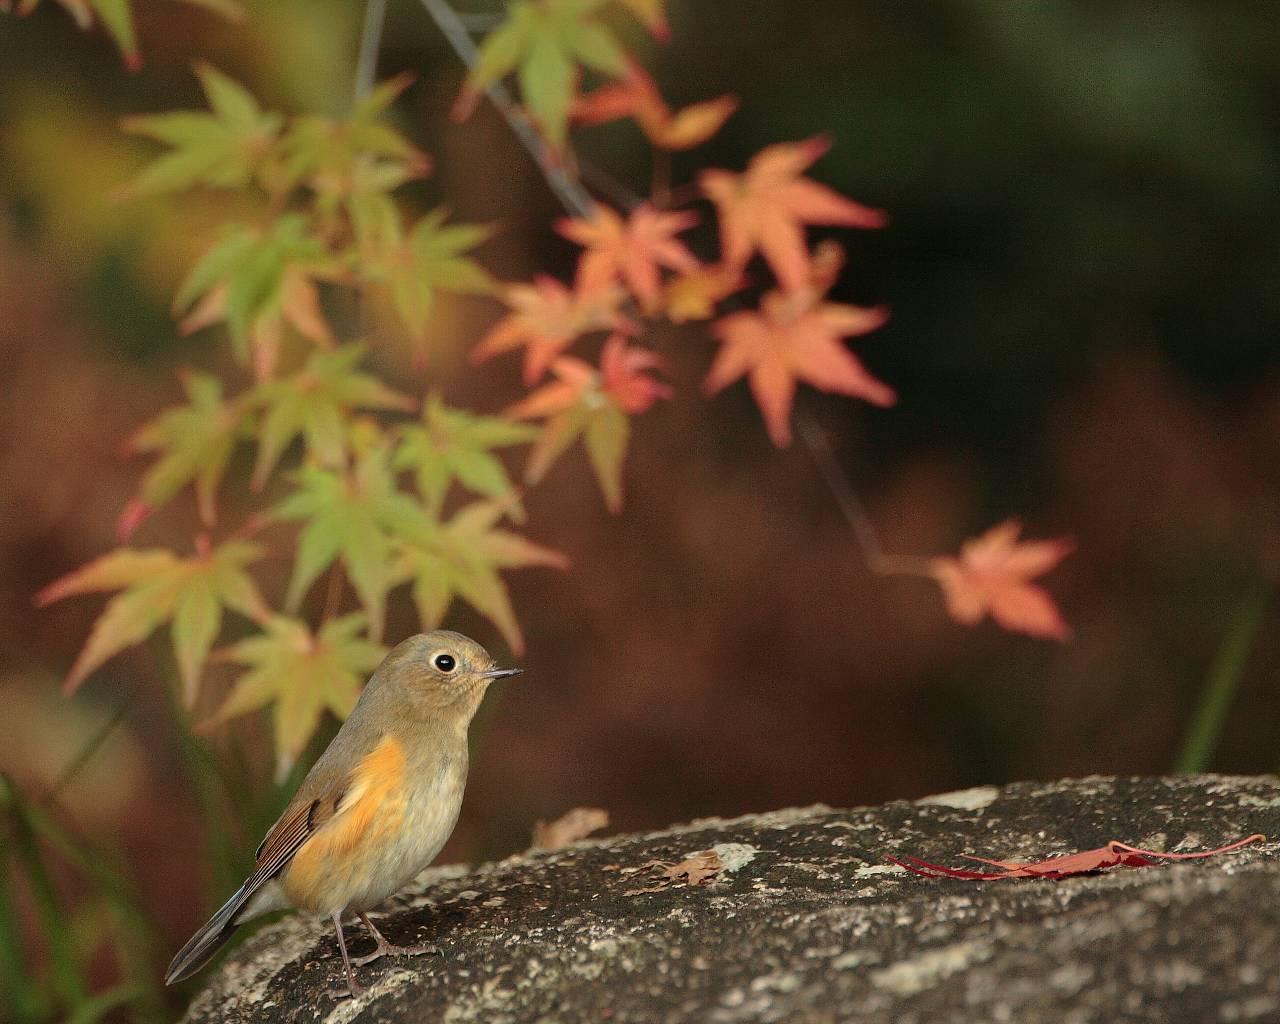 可愛い子が山から降りて来ました。(野鳥と紅葉の晩秋らしい壁紙)_f0105570_2125787.jpg